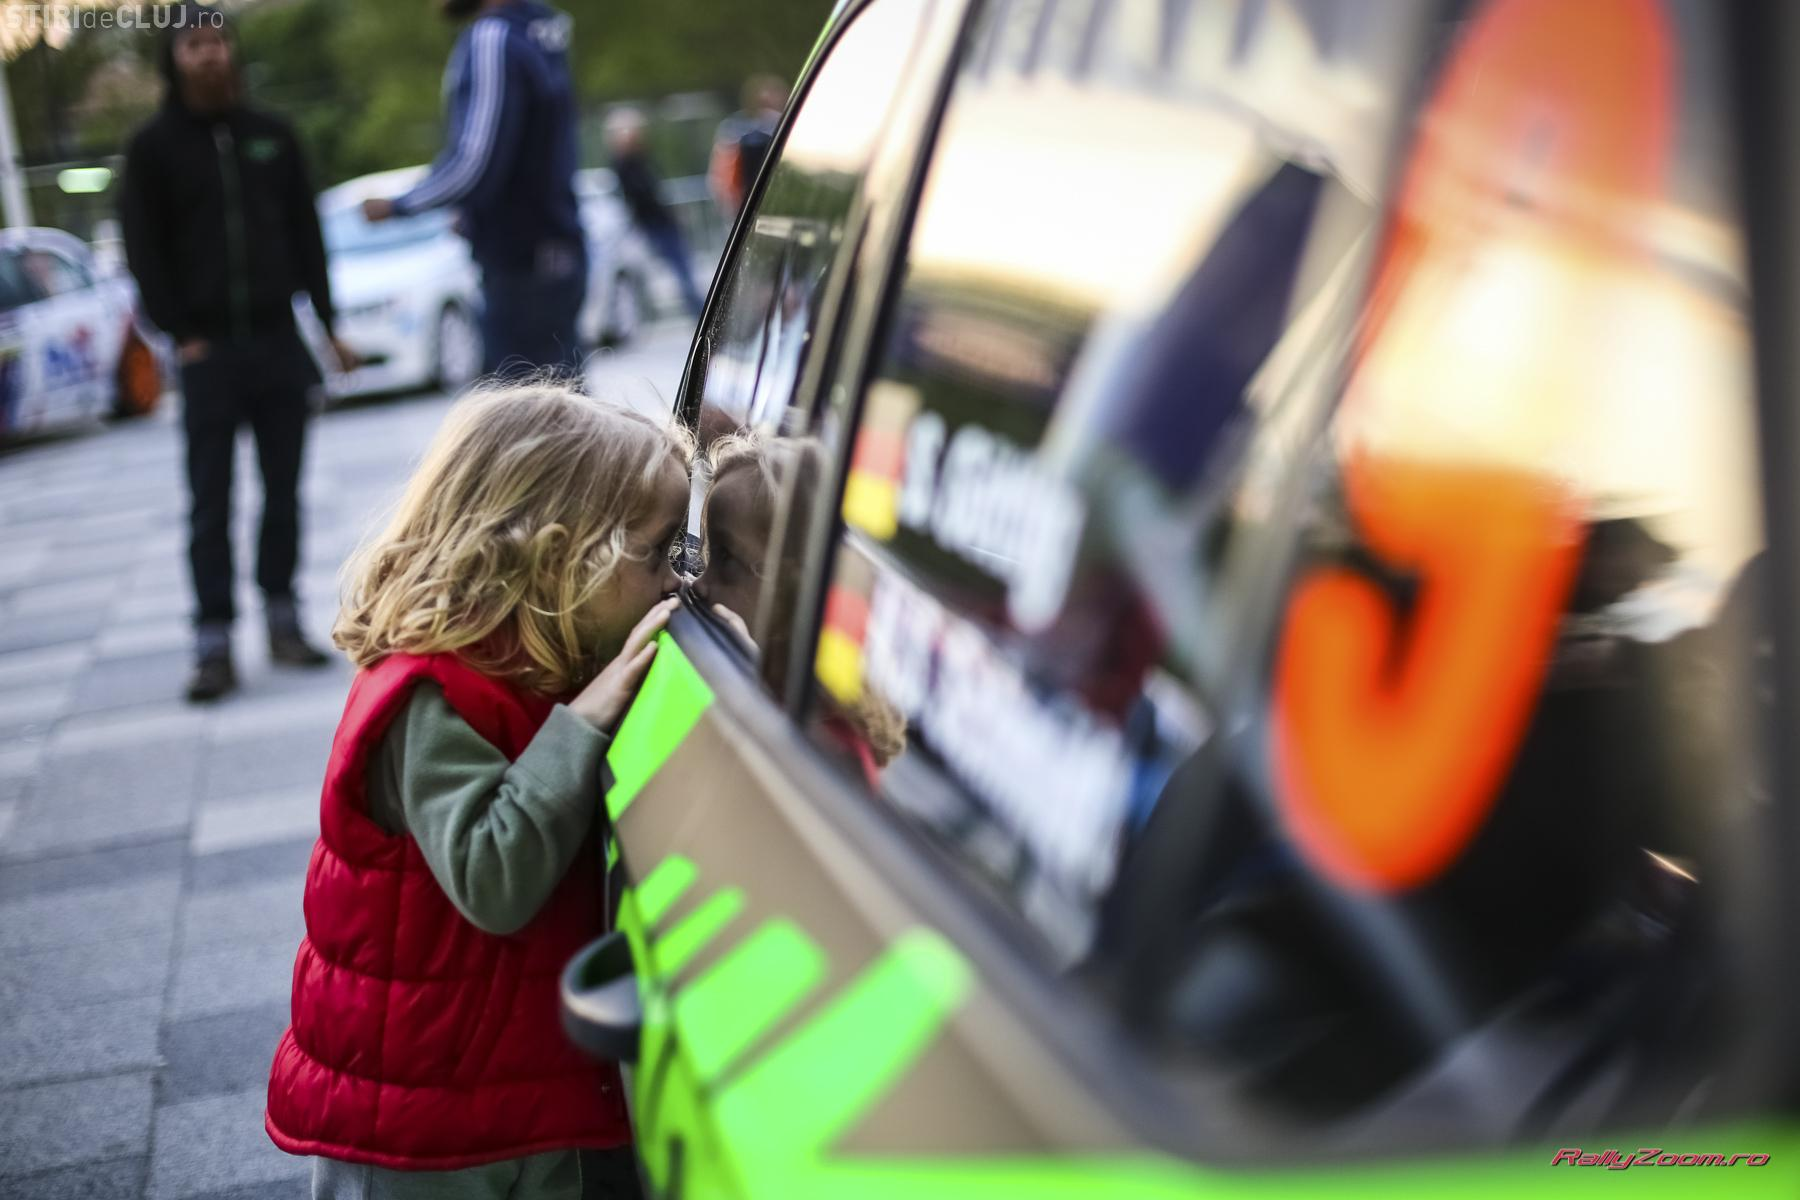 Imagini de la debutul BT Transilvania Rally. Clujul este iarăși lider național în sport - FOTO